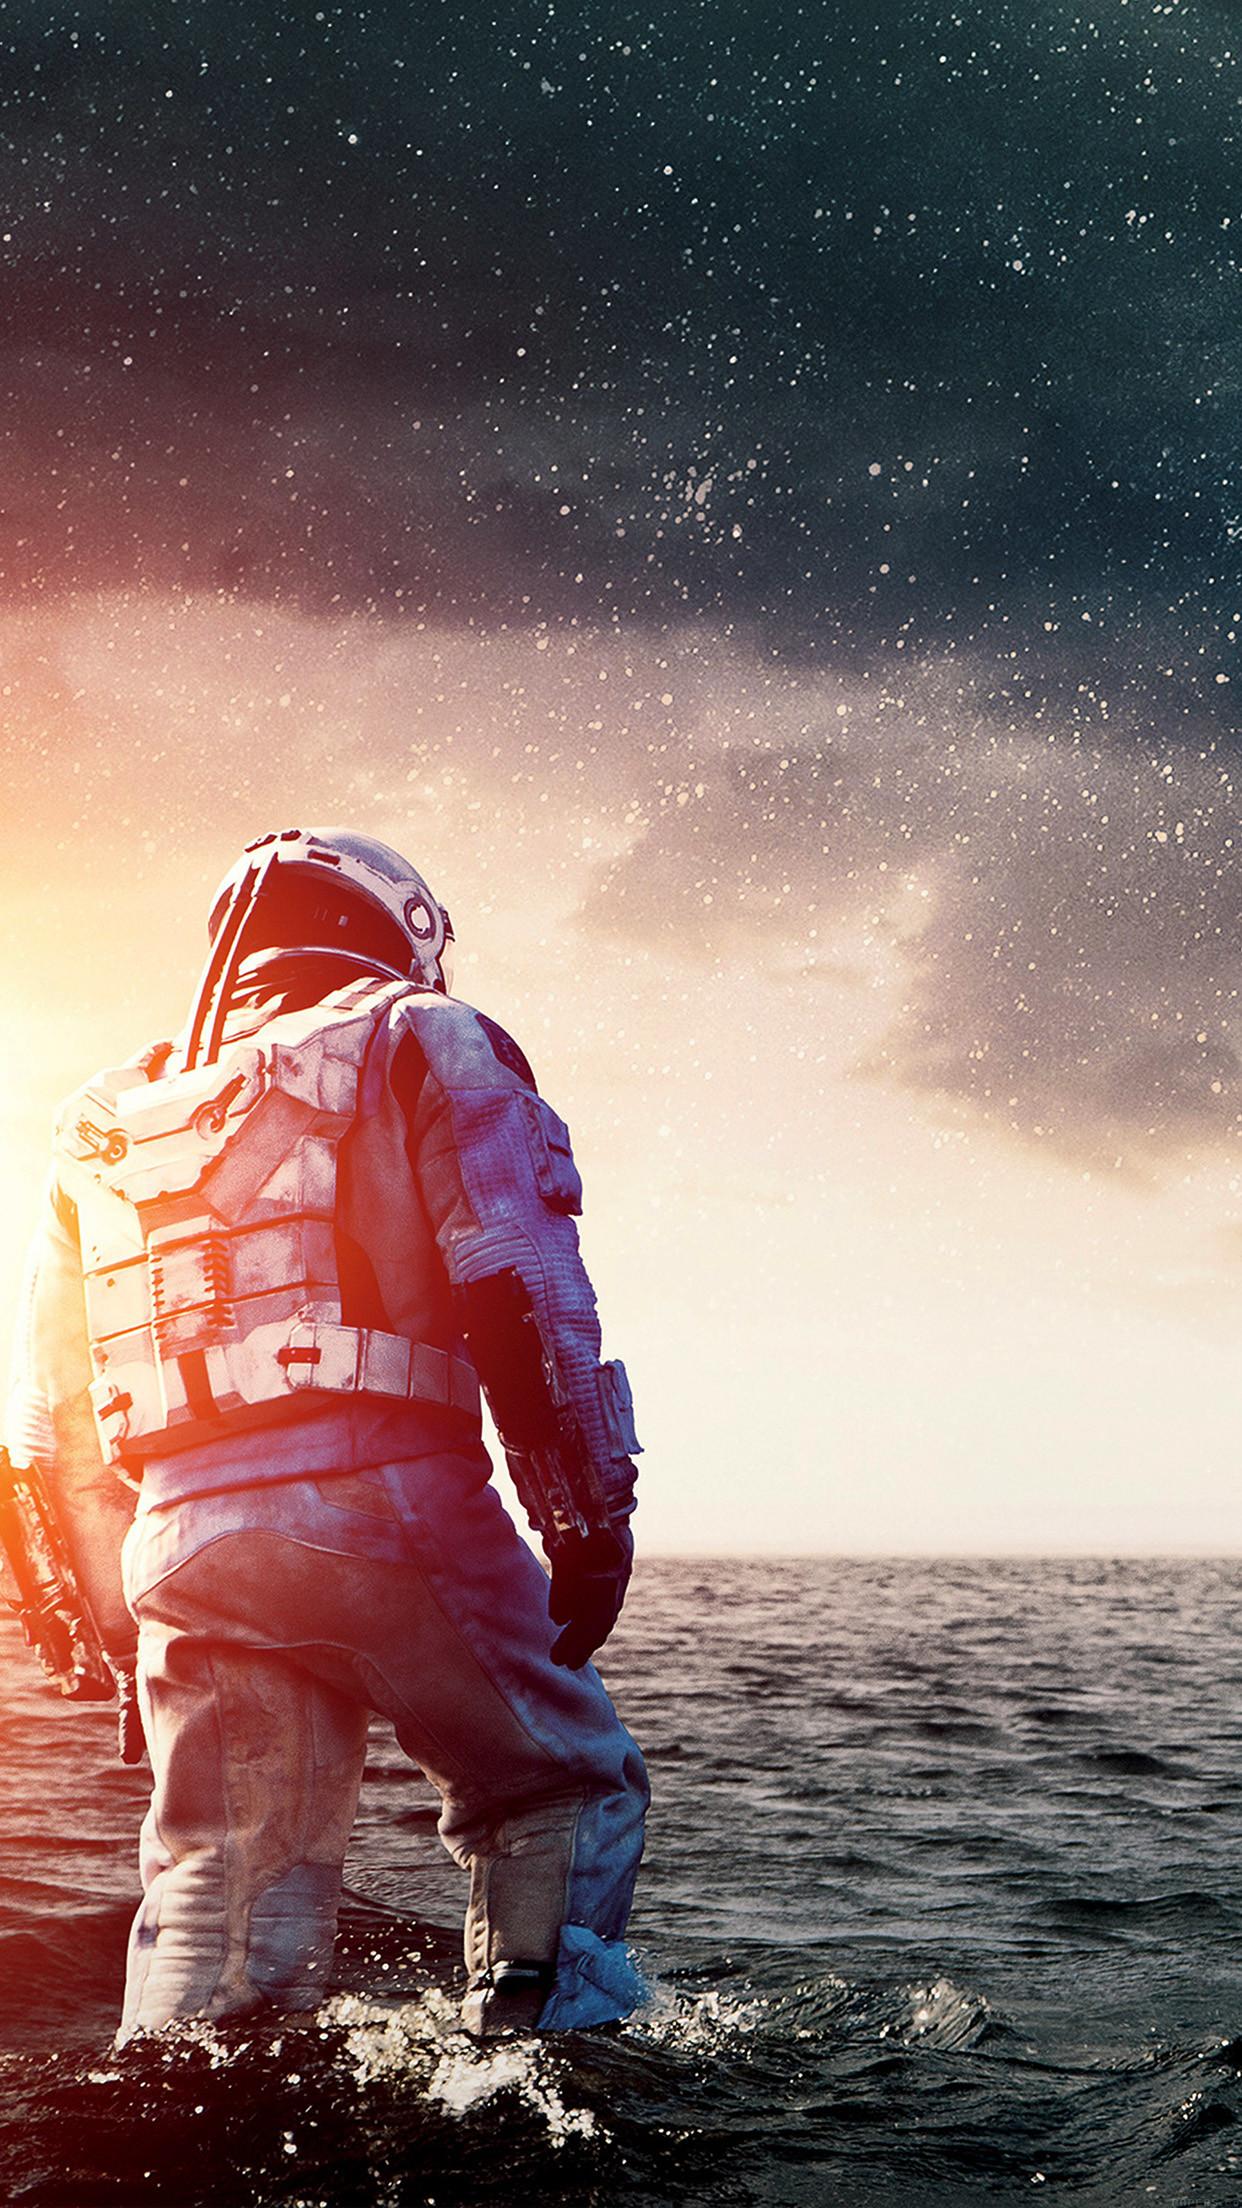 interstellar-wide-space-film-movie-art-34-iphone6-